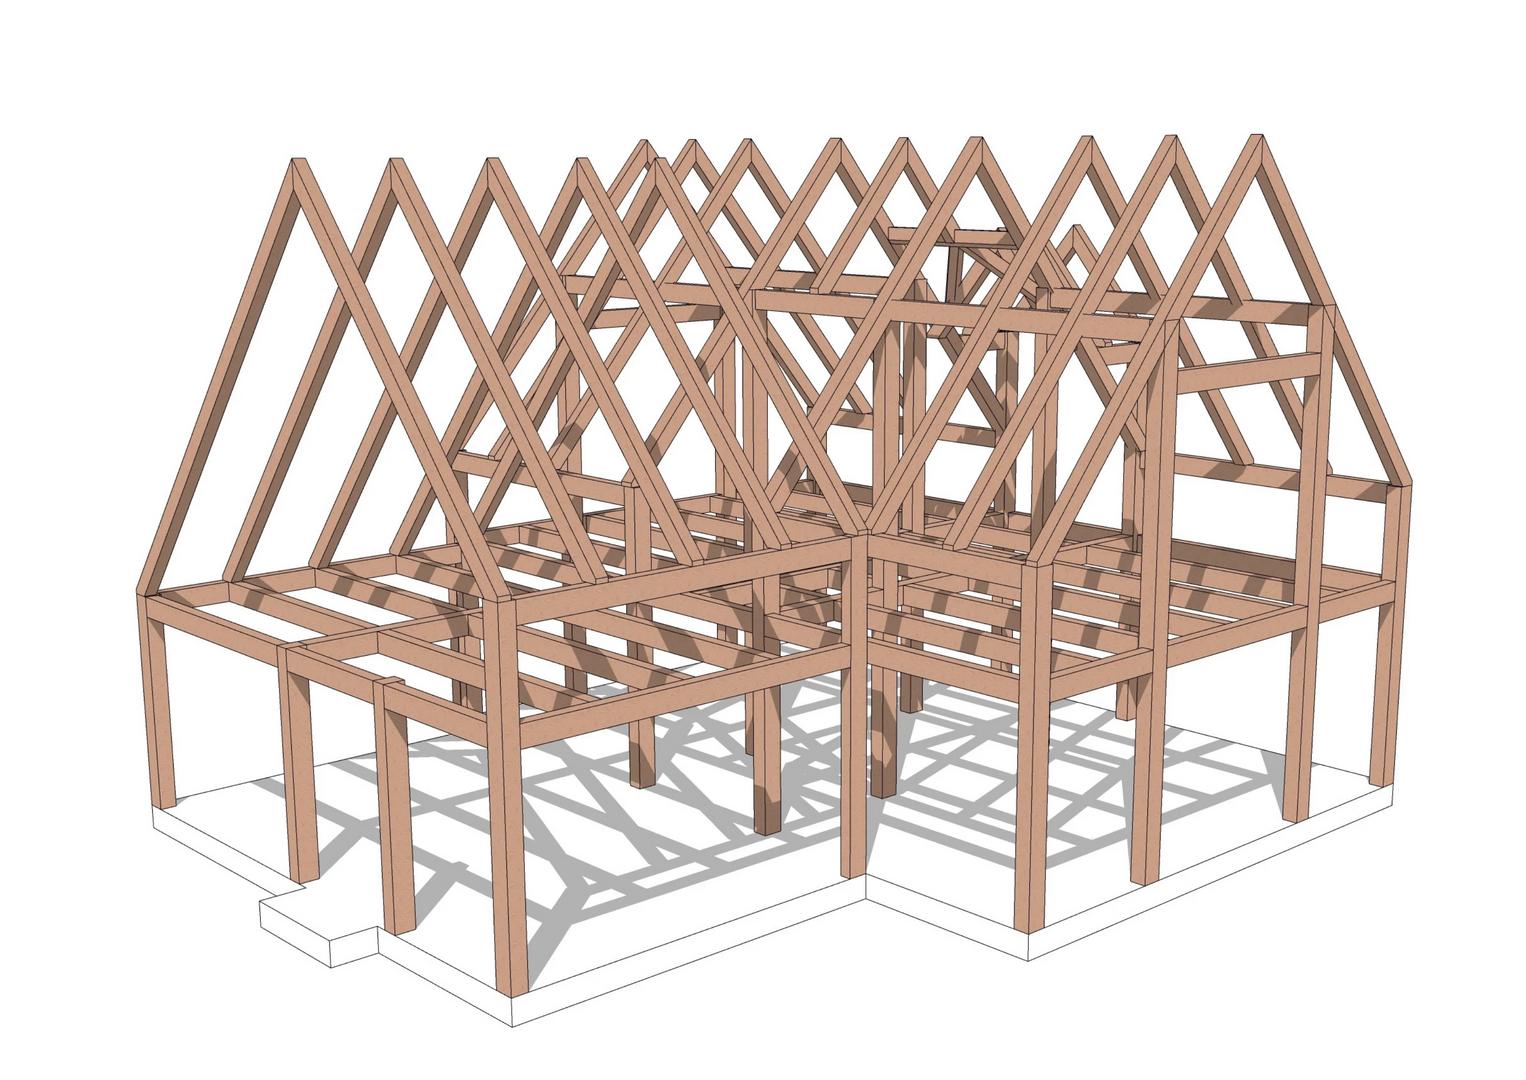 Cambridge timber frame